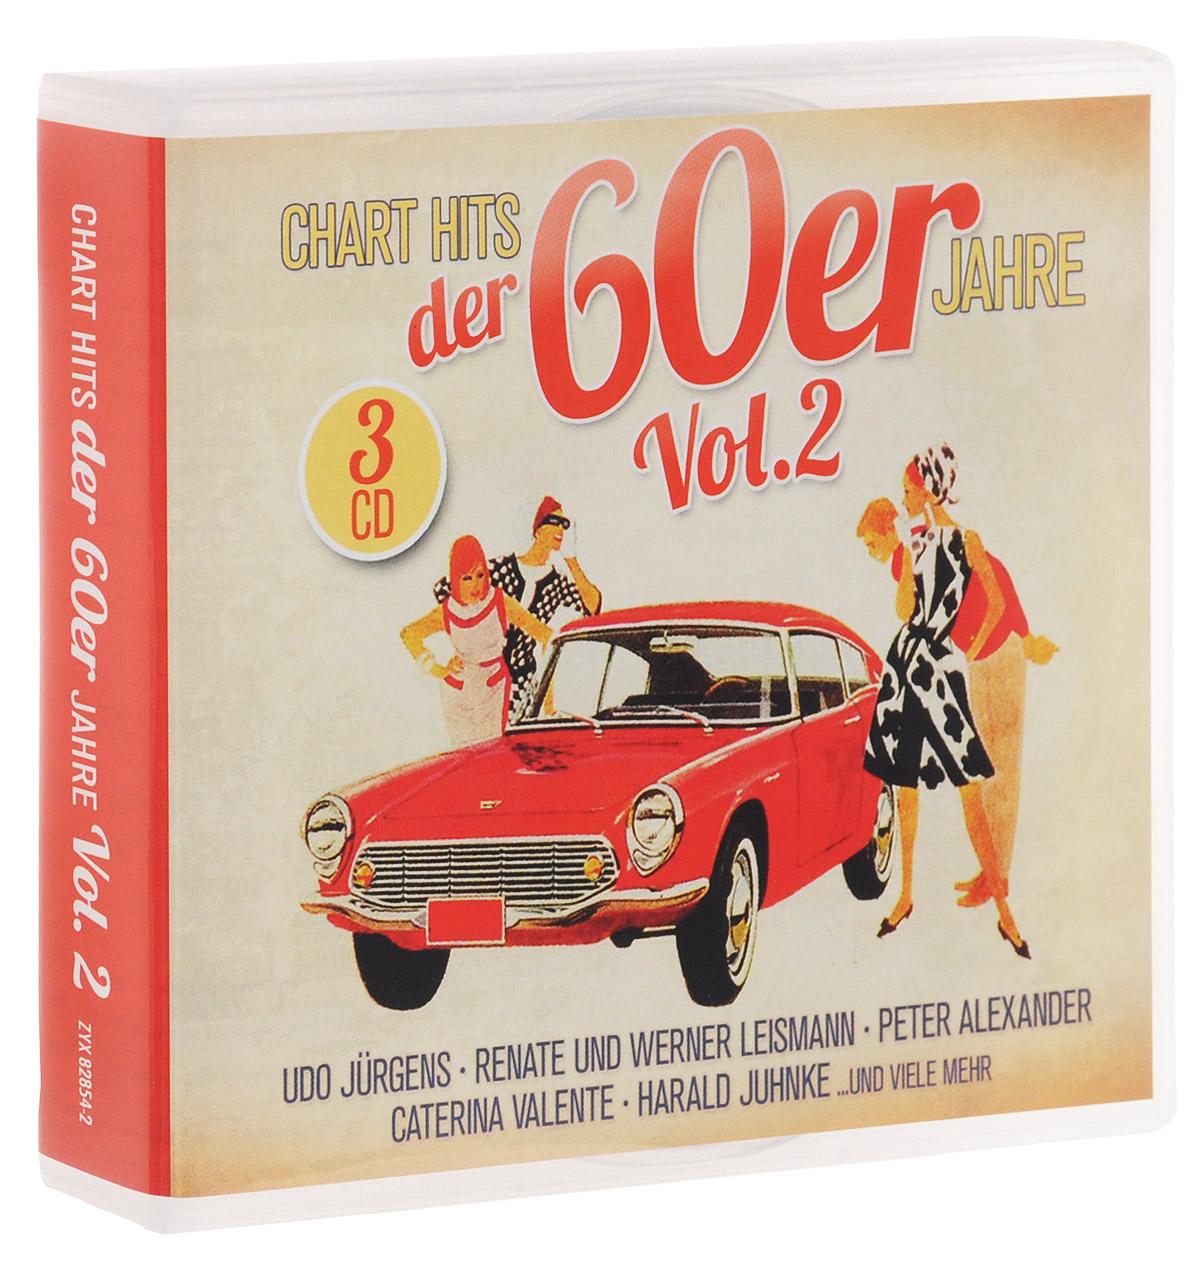 все цены на Chart Hits Der 60er Jahre Vol. 2 (3 CD)